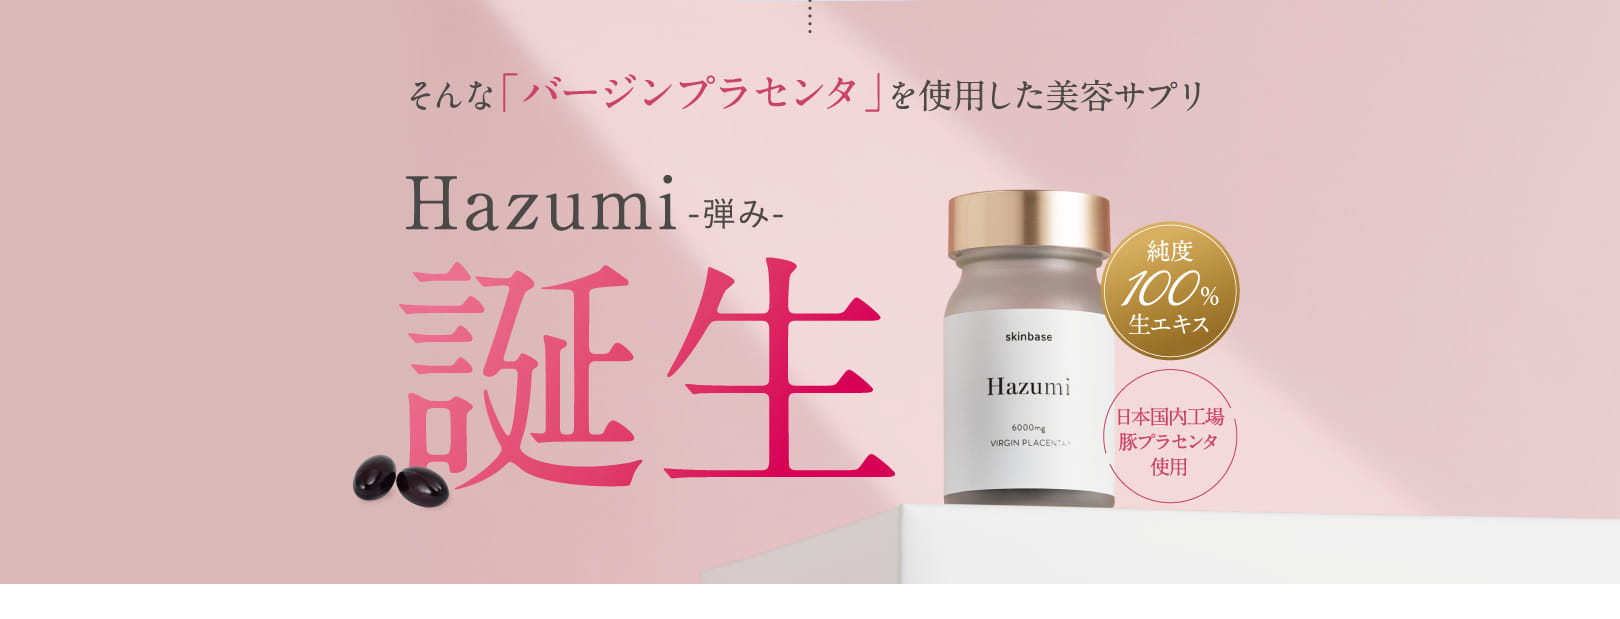 そんな「バージンプラセンタ」を使用した美容サプリHazumi誕生